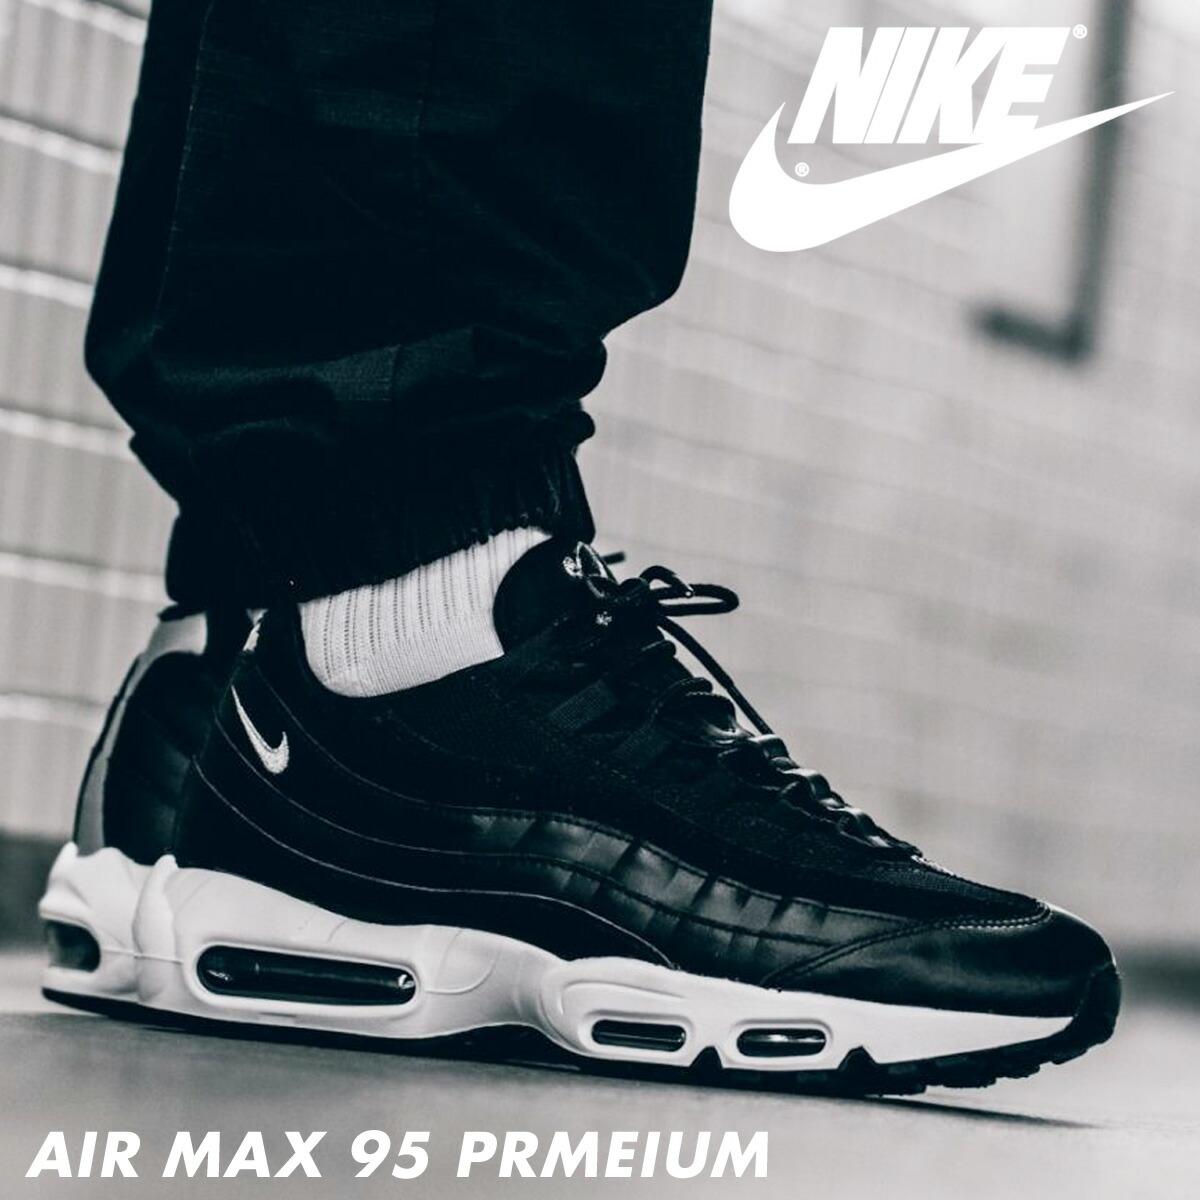 【楽天市場】【SOLD OUT】 NIKE ナイキ エアマックス95 スニーカー AIR MAX 95 PRMEIUM 538416-008 メンズ  靴 ブラック:シュガーオンラインショップ